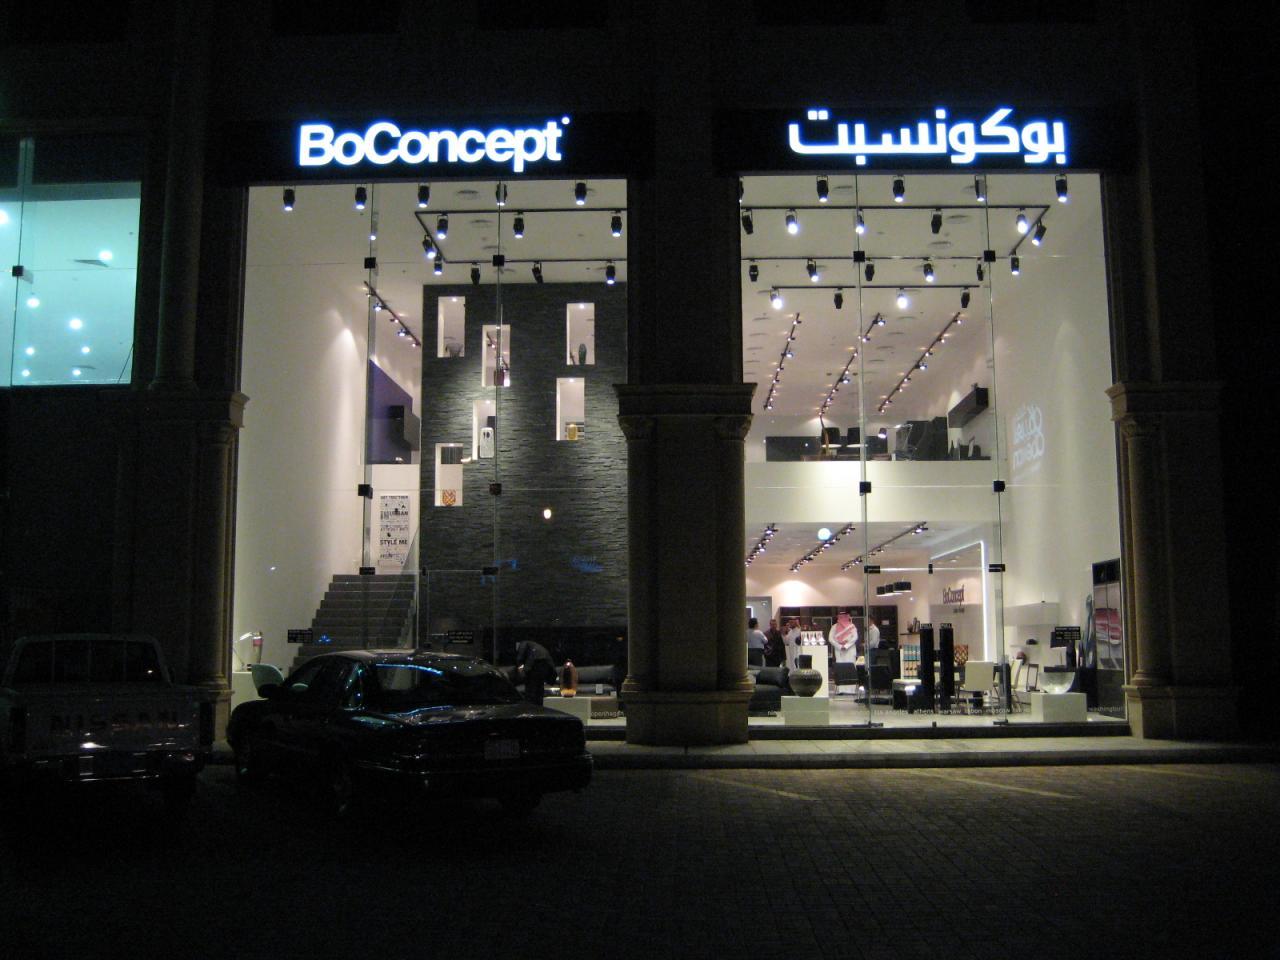 43 Home Center Furniture Riyadh Furniture Creative Data Center Popular Home Pin Home